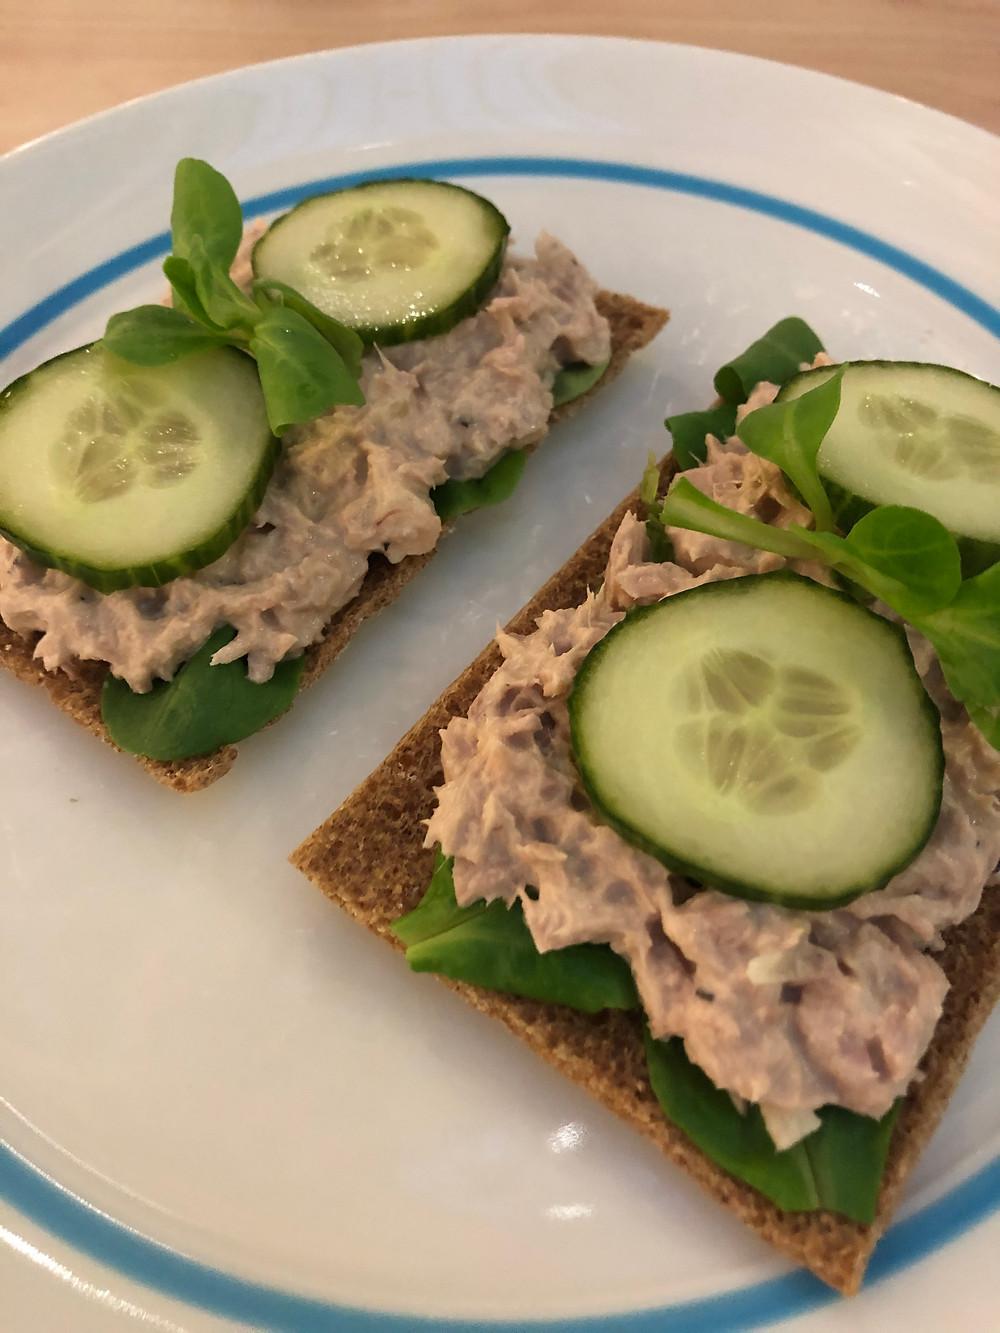 Tunfiskrøre servert på rugsprø med spinat og agurk